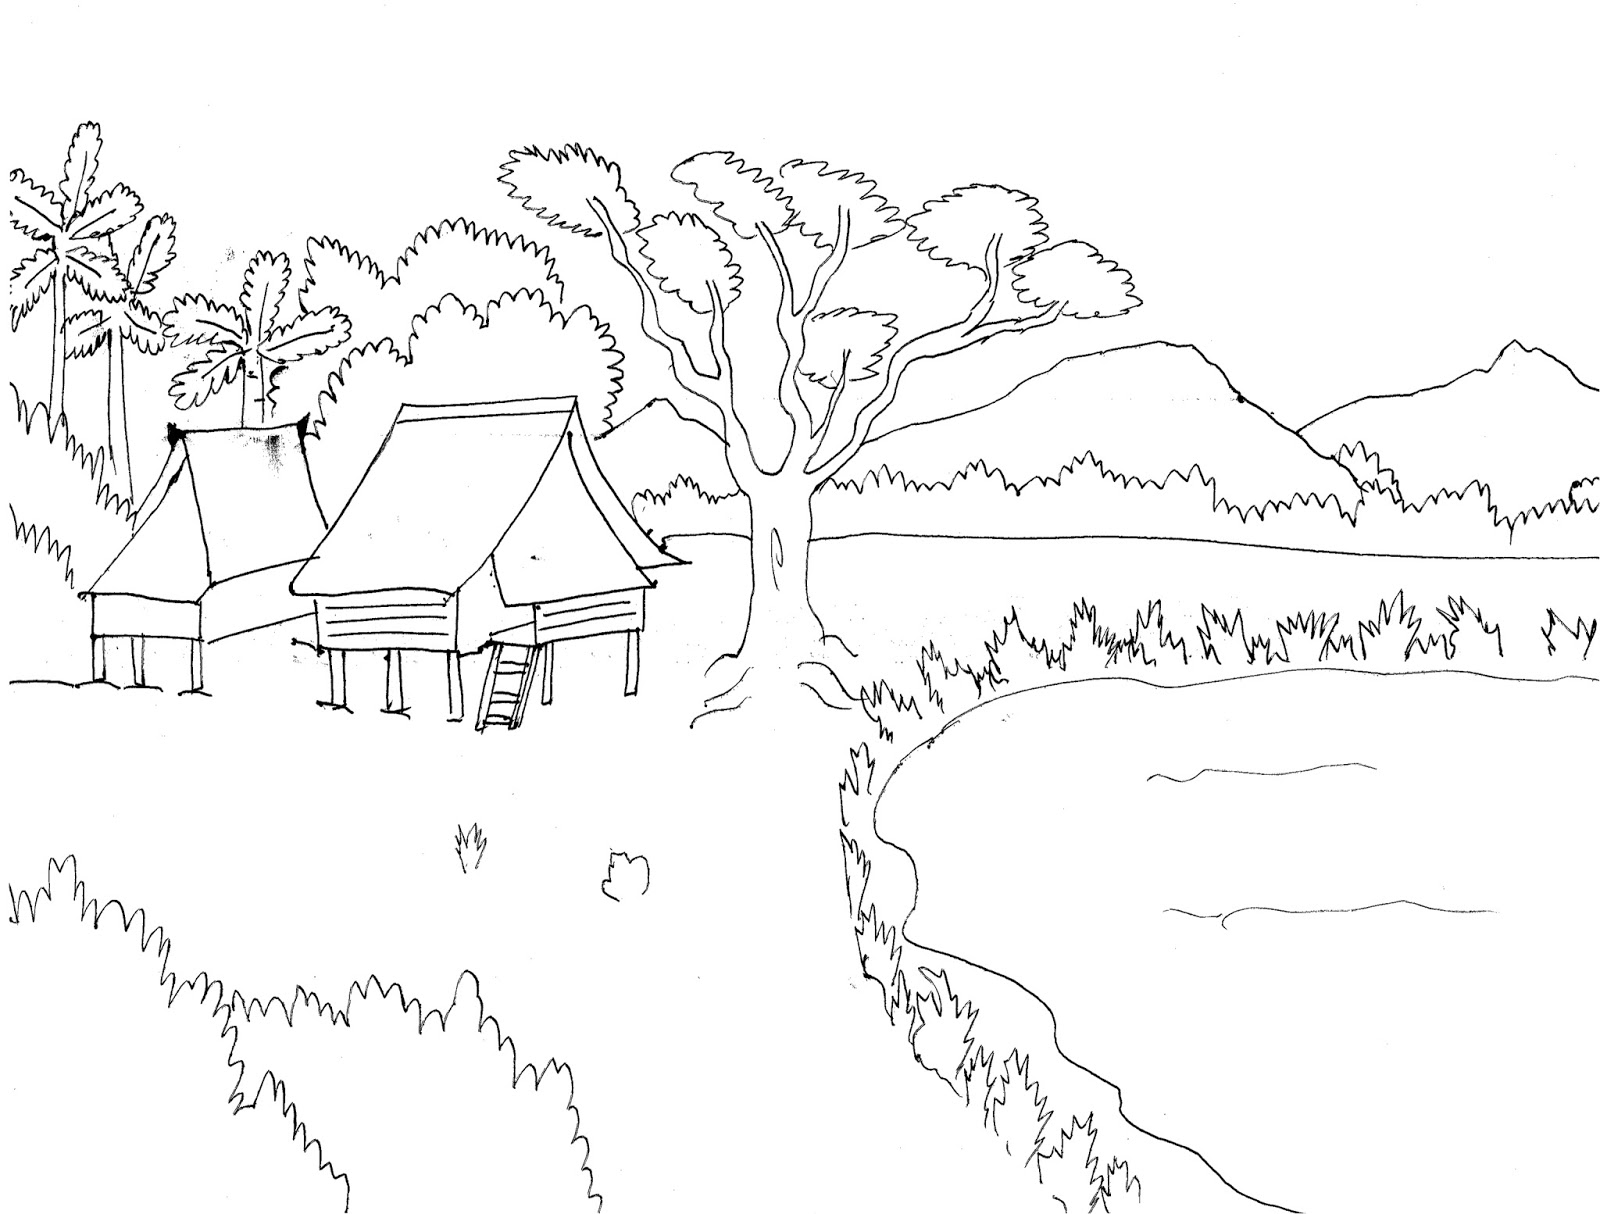 Gambar mewarnai pemandangan desa dengan objek langit pohon gunung rumput dan air Colouring Village